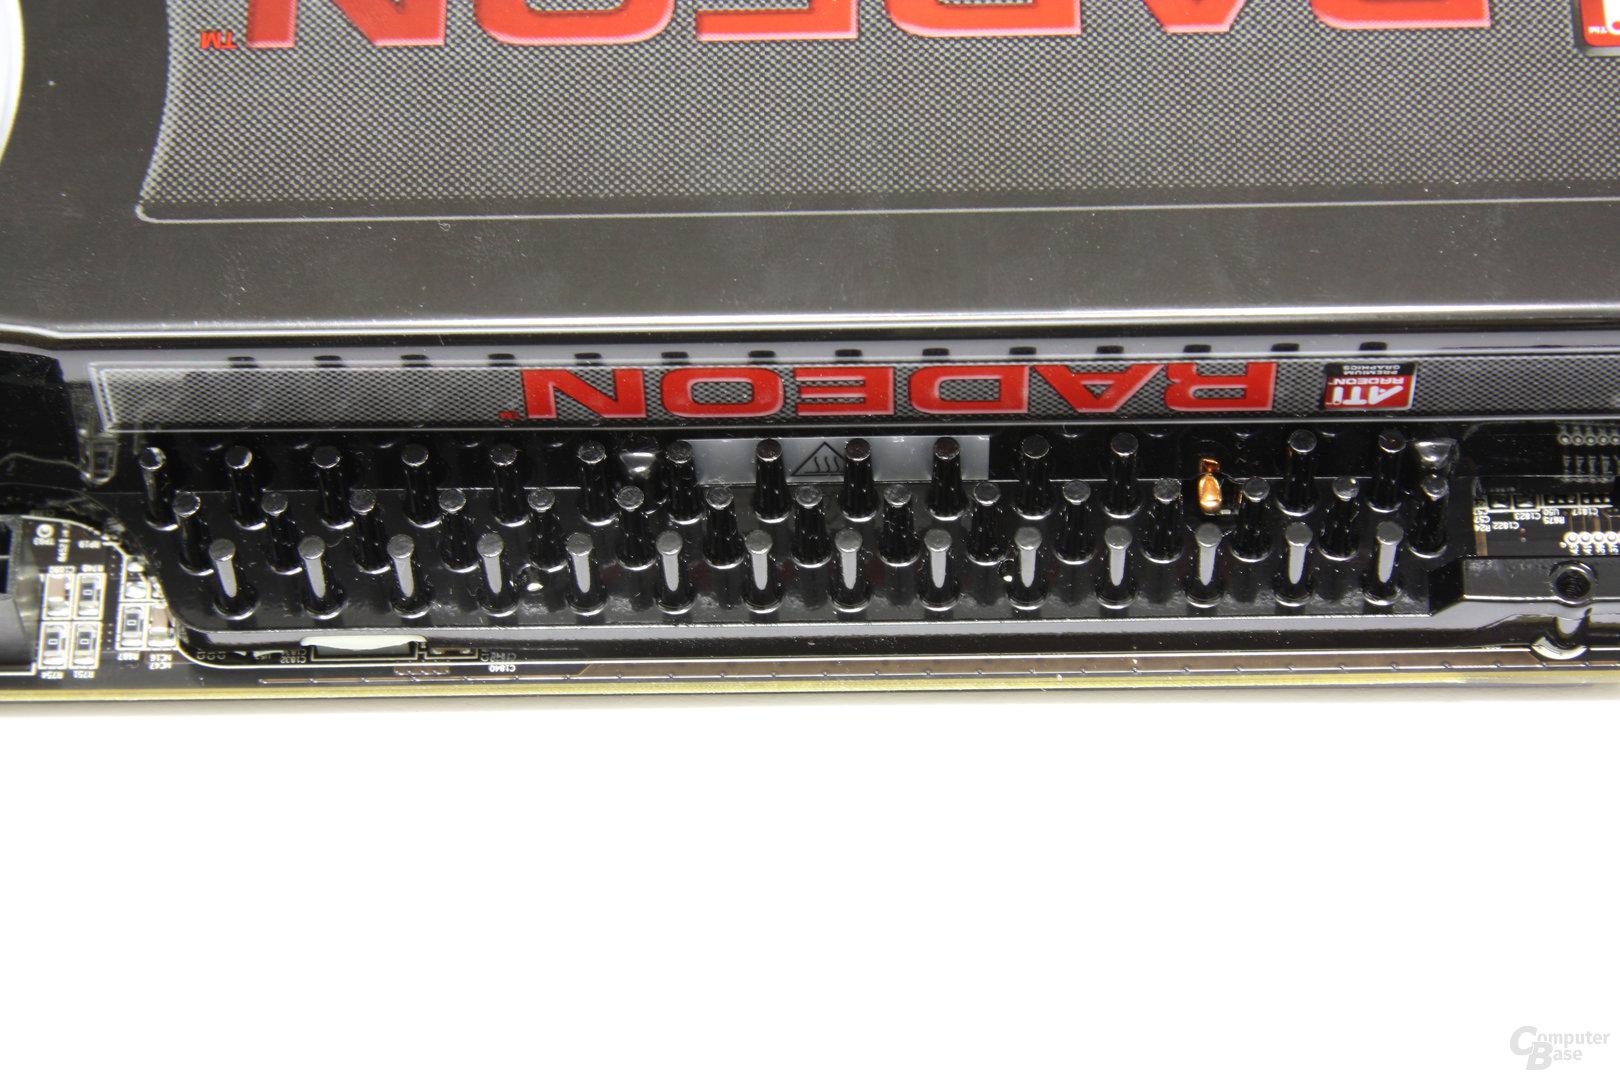 Radeon HD 4870 X2 Kühlkörper